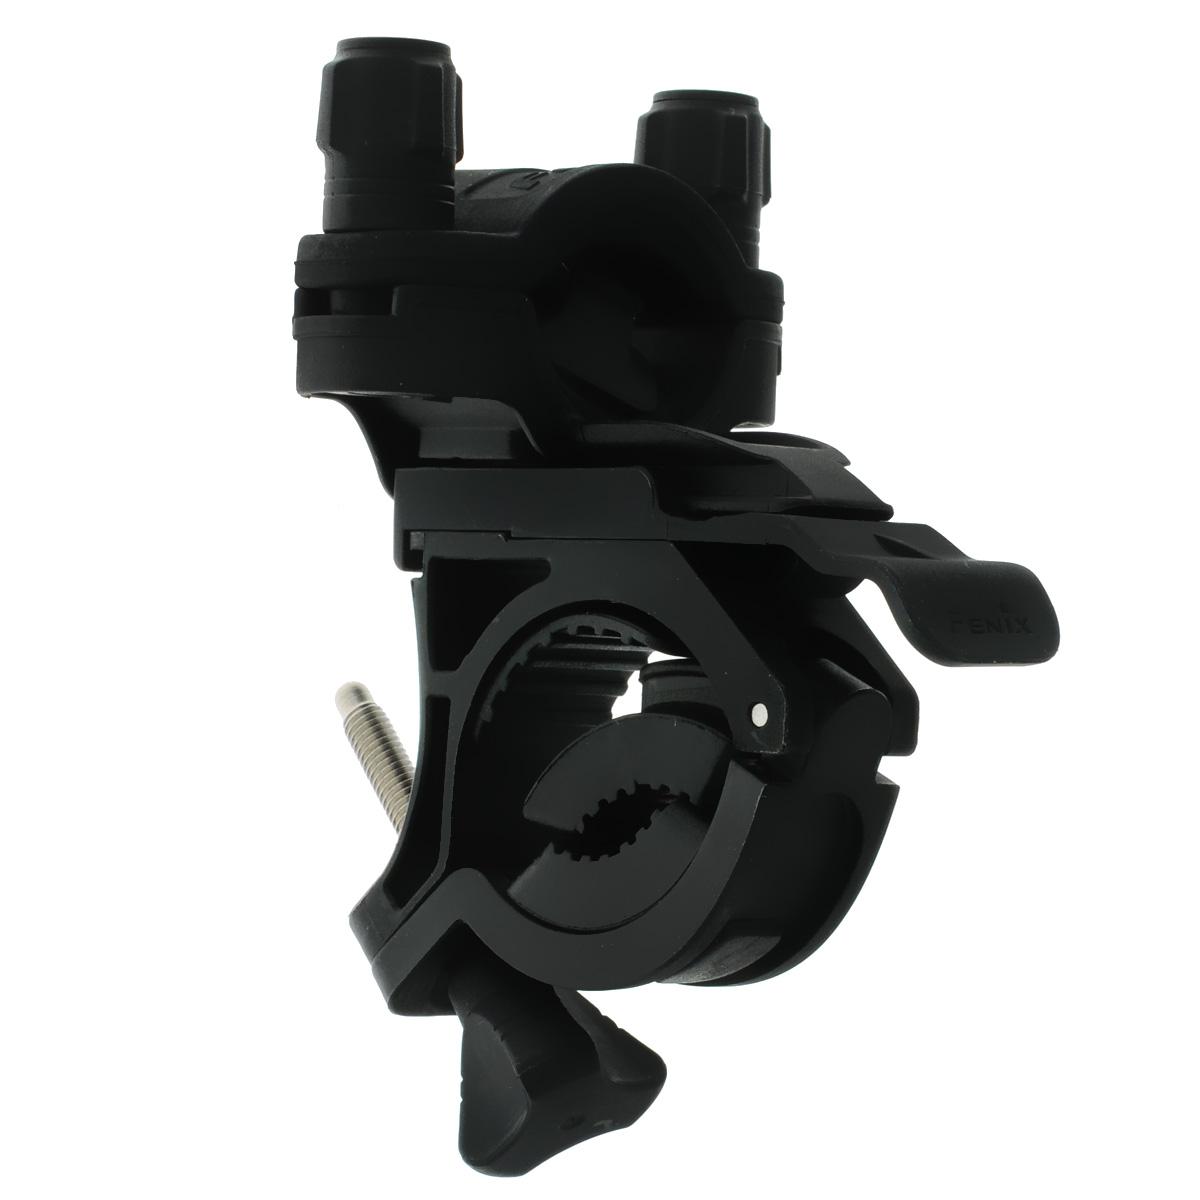 Крепление велосипедное Fenix ALB-10ALB-10В целом, конструкция крепления Fenix ALB-10 разработана таким образом, что процесс крепления и фиксации фонаря осуществляется крайне просто и занимает минимум времени. Проработаны мельчайшие детали, способствующие быстрой адаптации крепления под соответствующий инструмент. В итоге Fenix ALB-10 представляет собой гениально простое решение для приспособления фонаря в нужное место для определенных целей.Велосипедное крепление Fenix ALB-10 вполне традиционно не имеет ничего лишнего — лишь самый необходимый функционал, в который помимо основной задачи закрепления фонаря на руле входит также и возможность регулировать направление света горизонтально в пределах 30°. Совмещая и комбинируя некоторые детали можно добиться полной ликвидации эффекта встряски, которая происходит во время движения, особенно по пересеченной местности. Правильно используя каучуковые прокладки, вы значительно обезопасите ваш фонарь от нежелательных потрясений.Подходит для UC35, UC40, TK22, TK15, PD35, PD22, PD12, LD22, LD12.